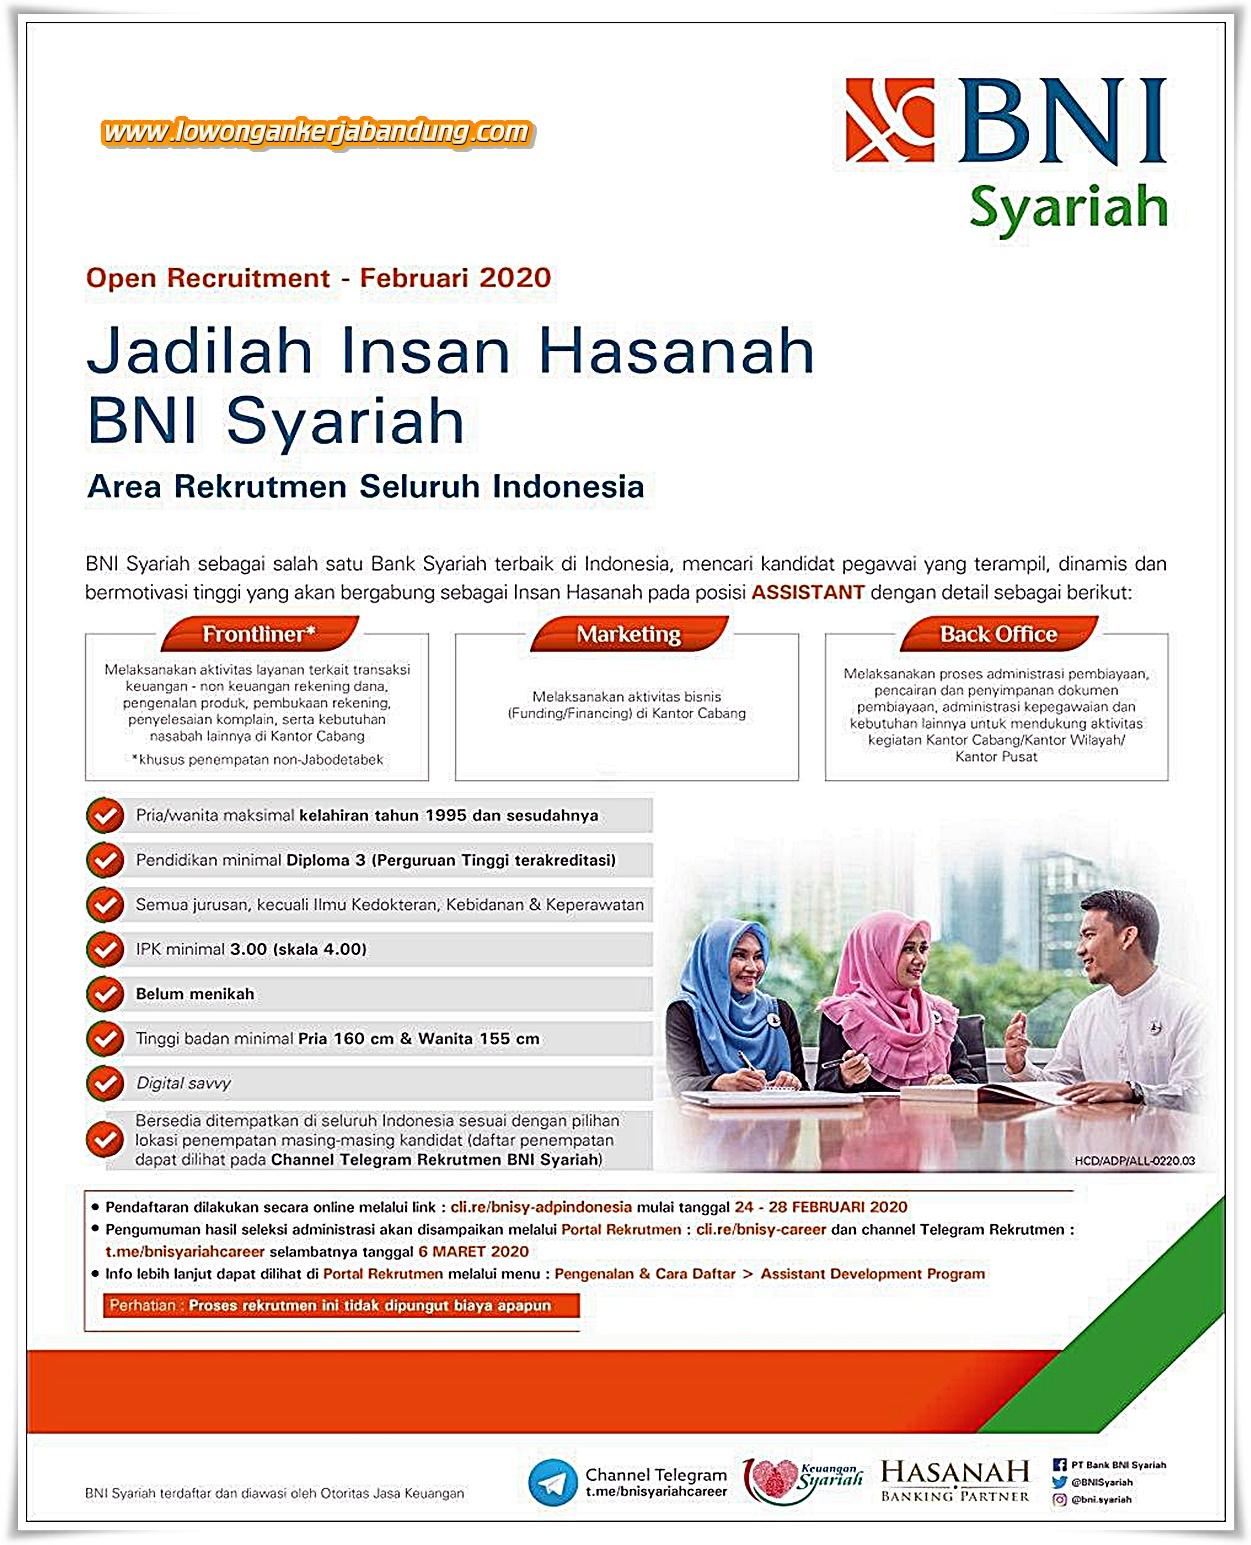 Lowongan Kerja Bandung Karyawan BNI Syariah Bandung ...